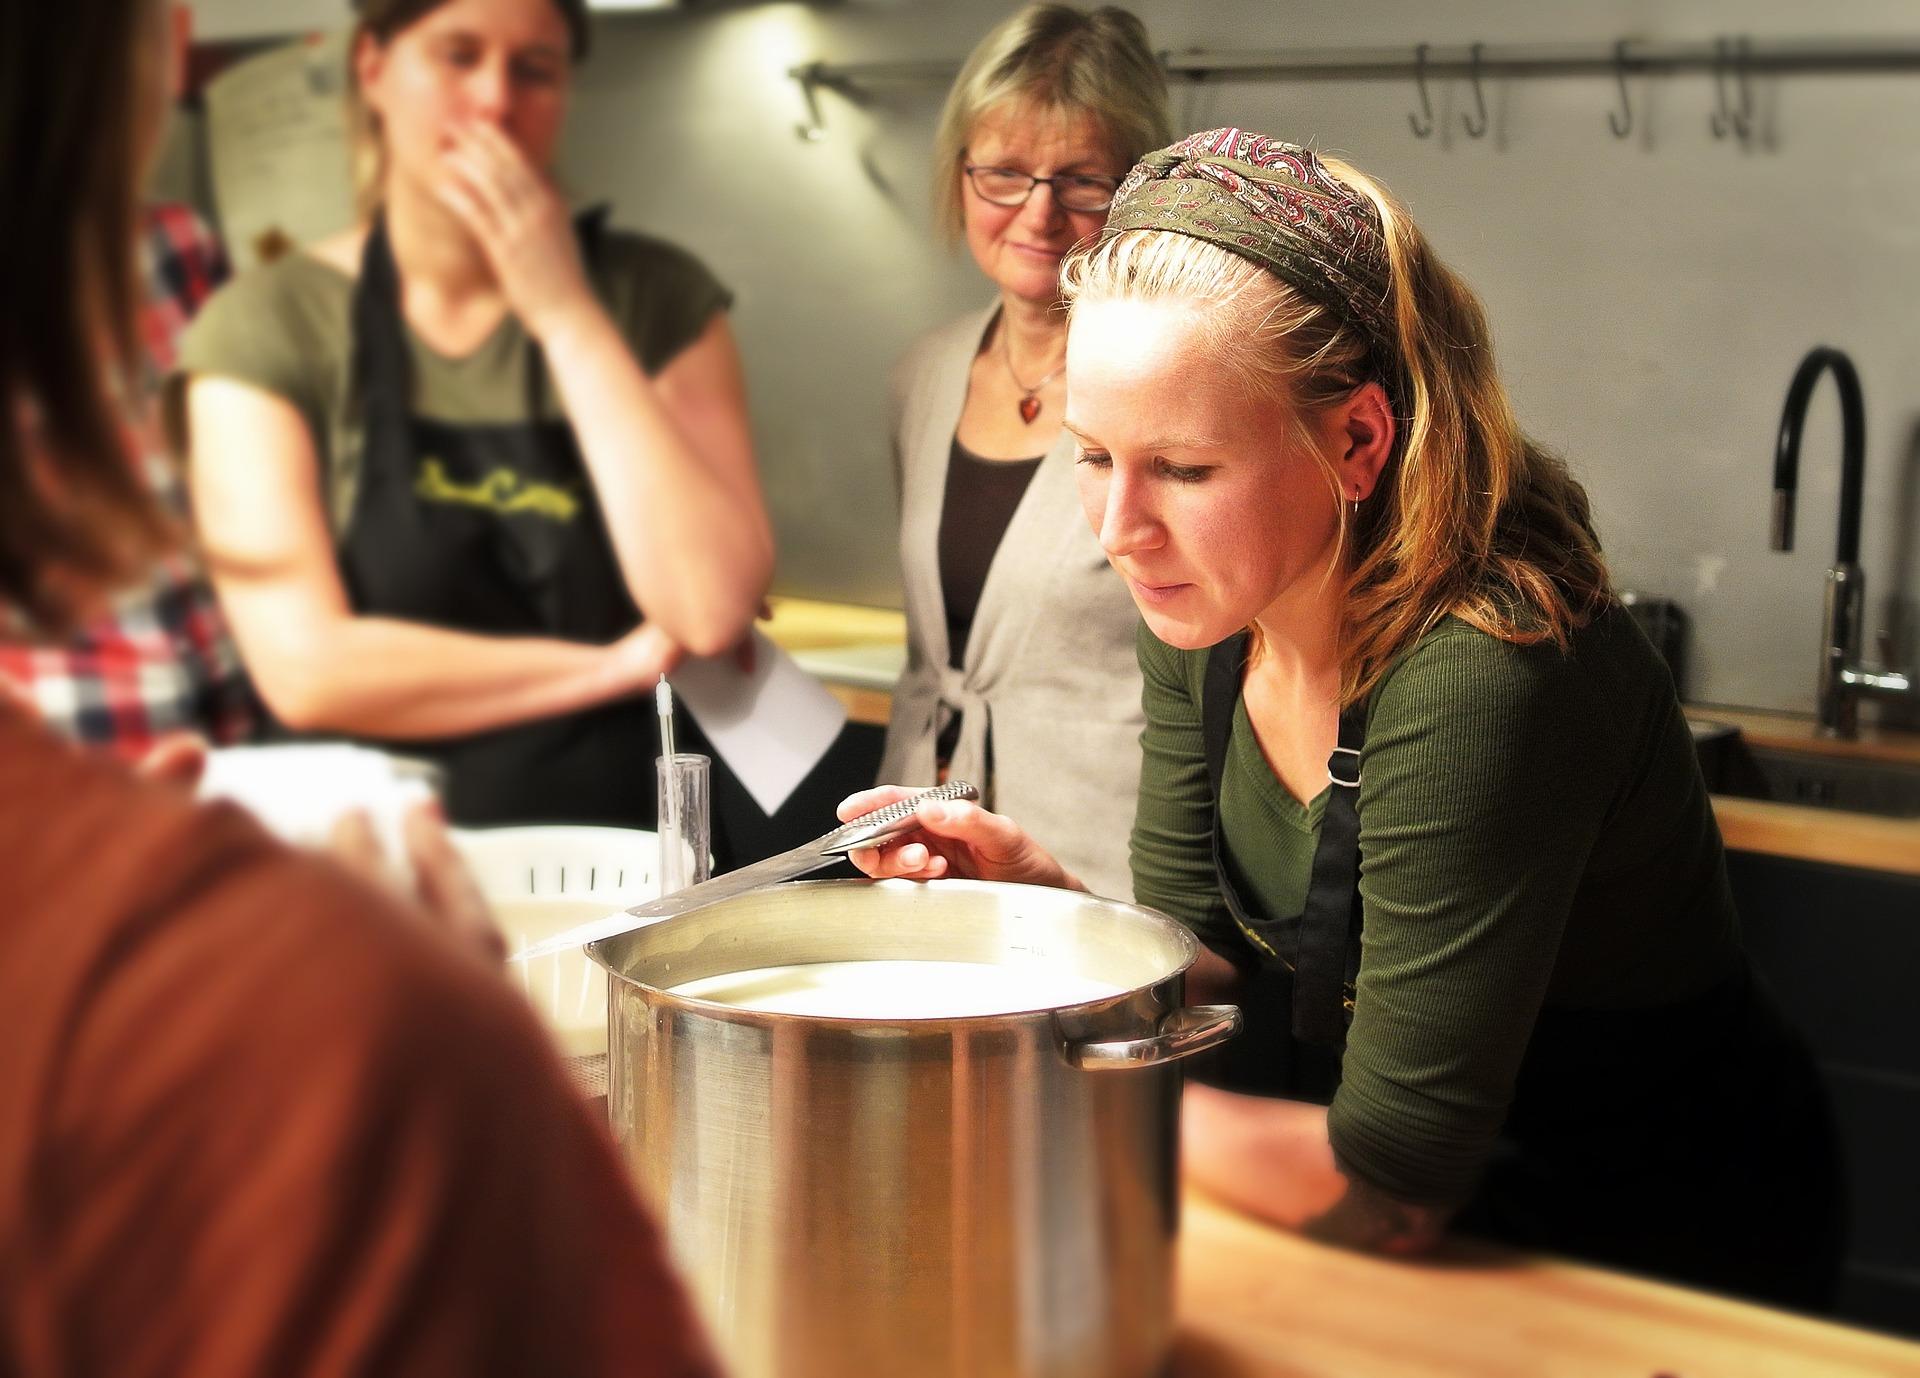 Corso di cucina base: come essere fieri della propria cucina